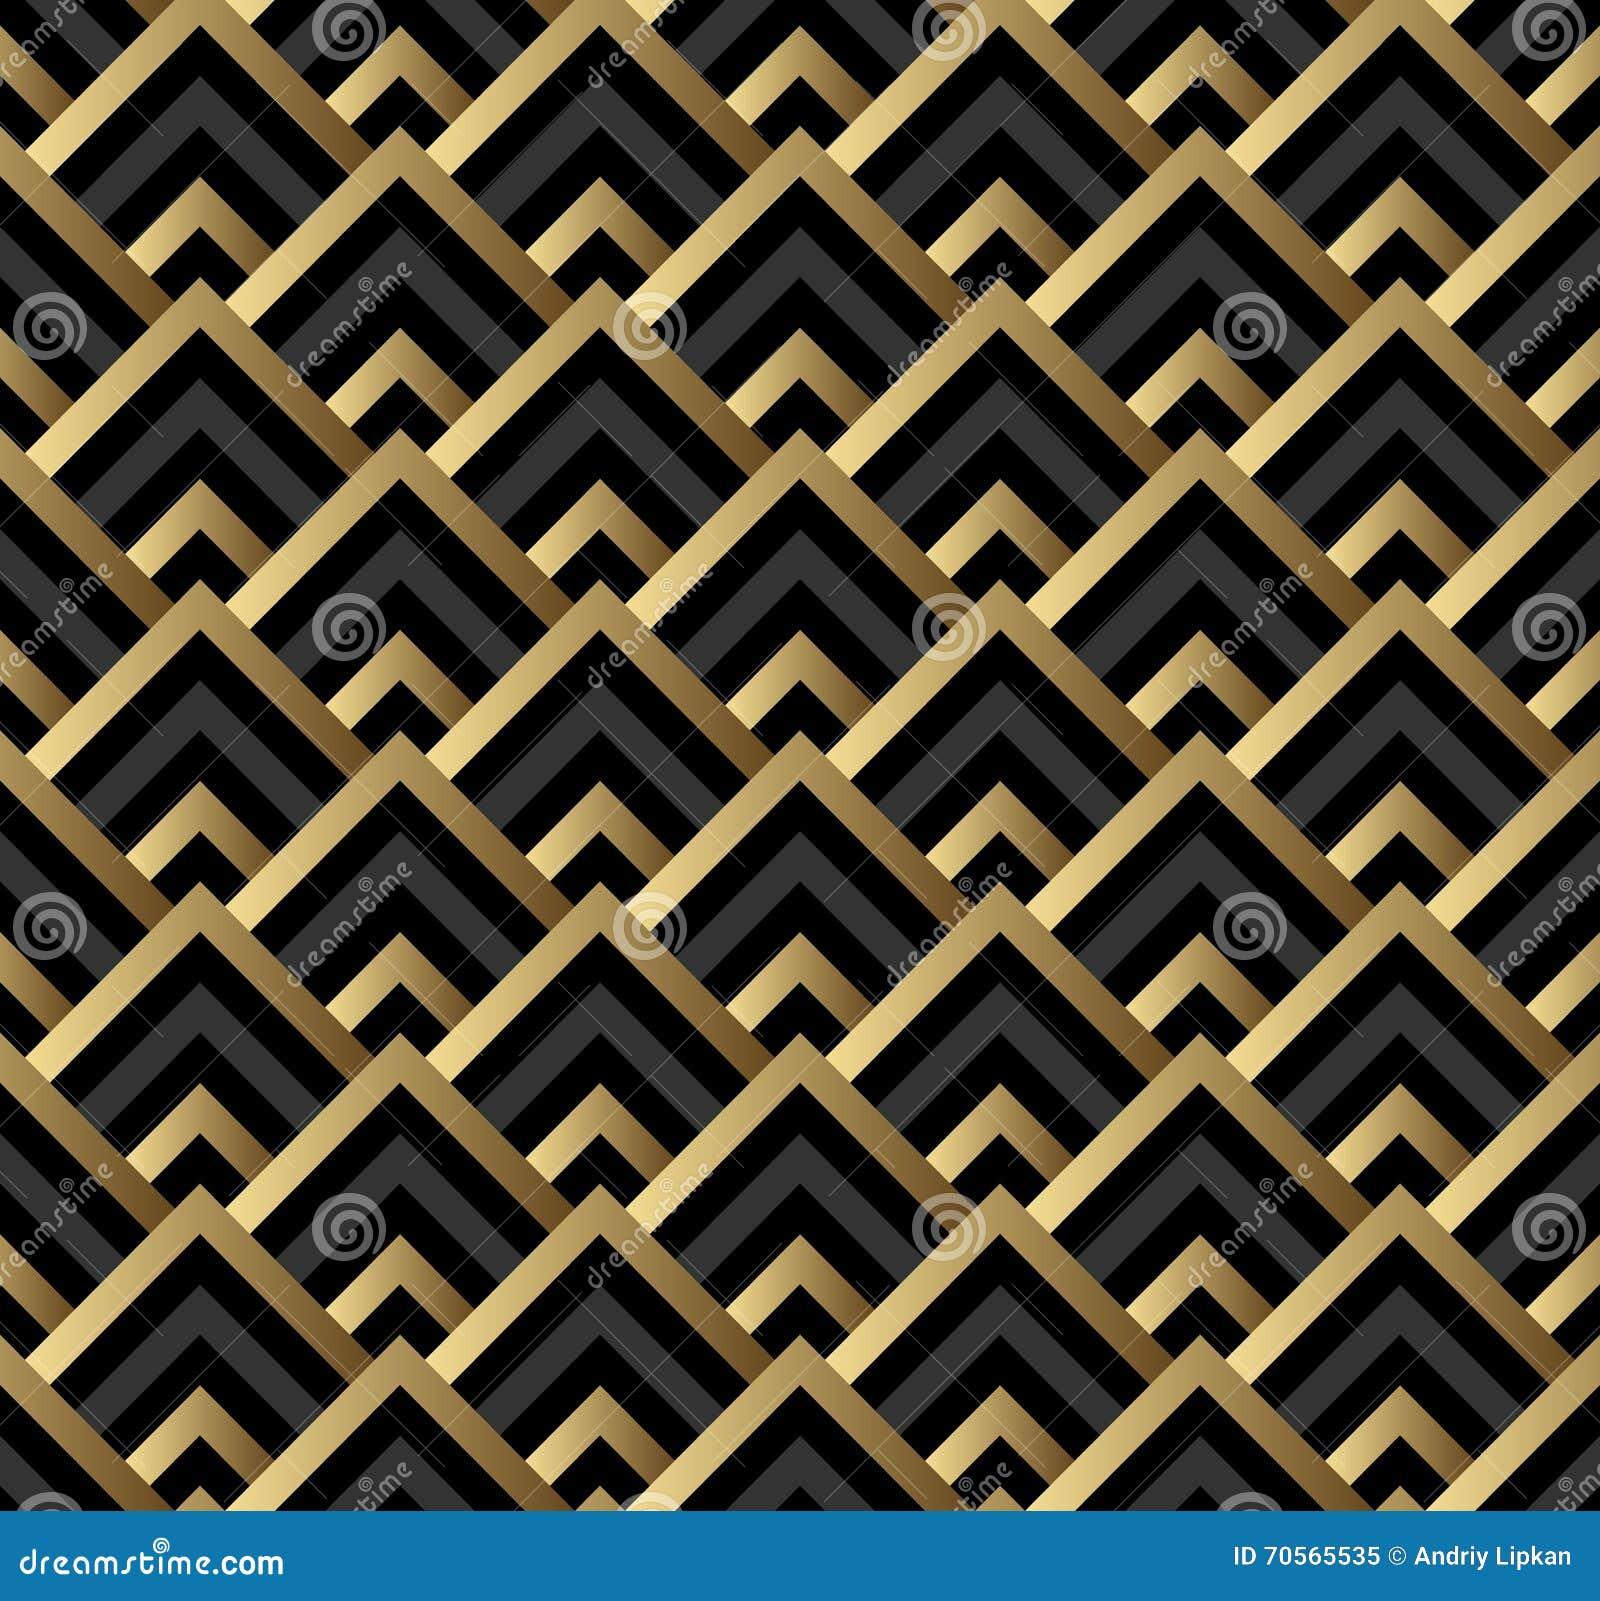 seamless black and gold square art deco pattern stock illustration illustration of design. Black Bedroom Furniture Sets. Home Design Ideas